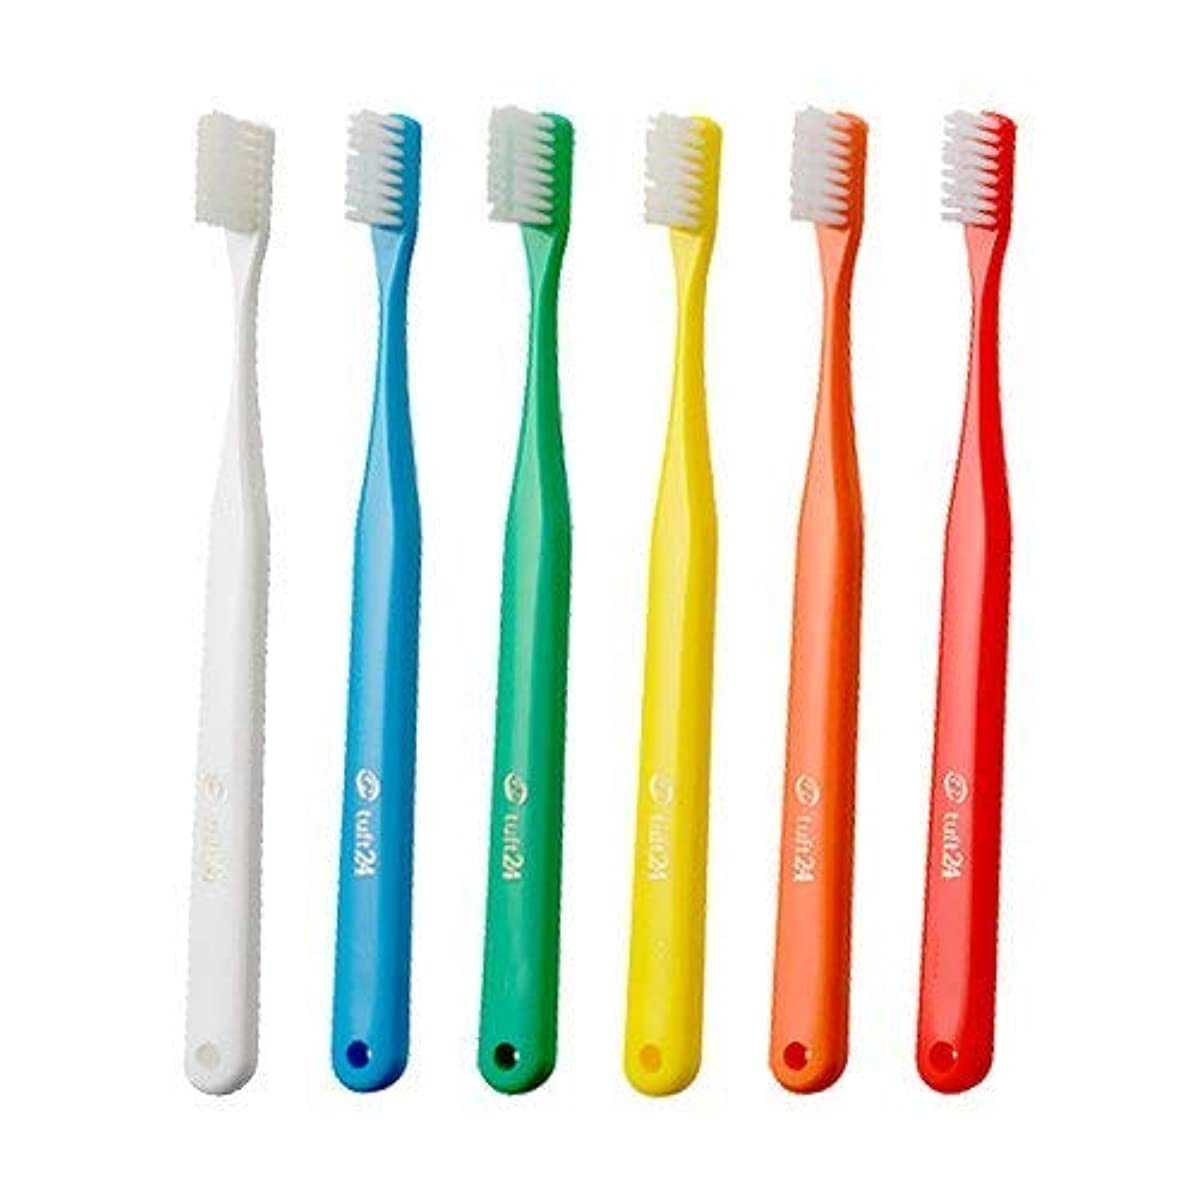 ライム排出スリムオーラルケア キャップなし タフト24 歯ブラシ × 10本 (S)